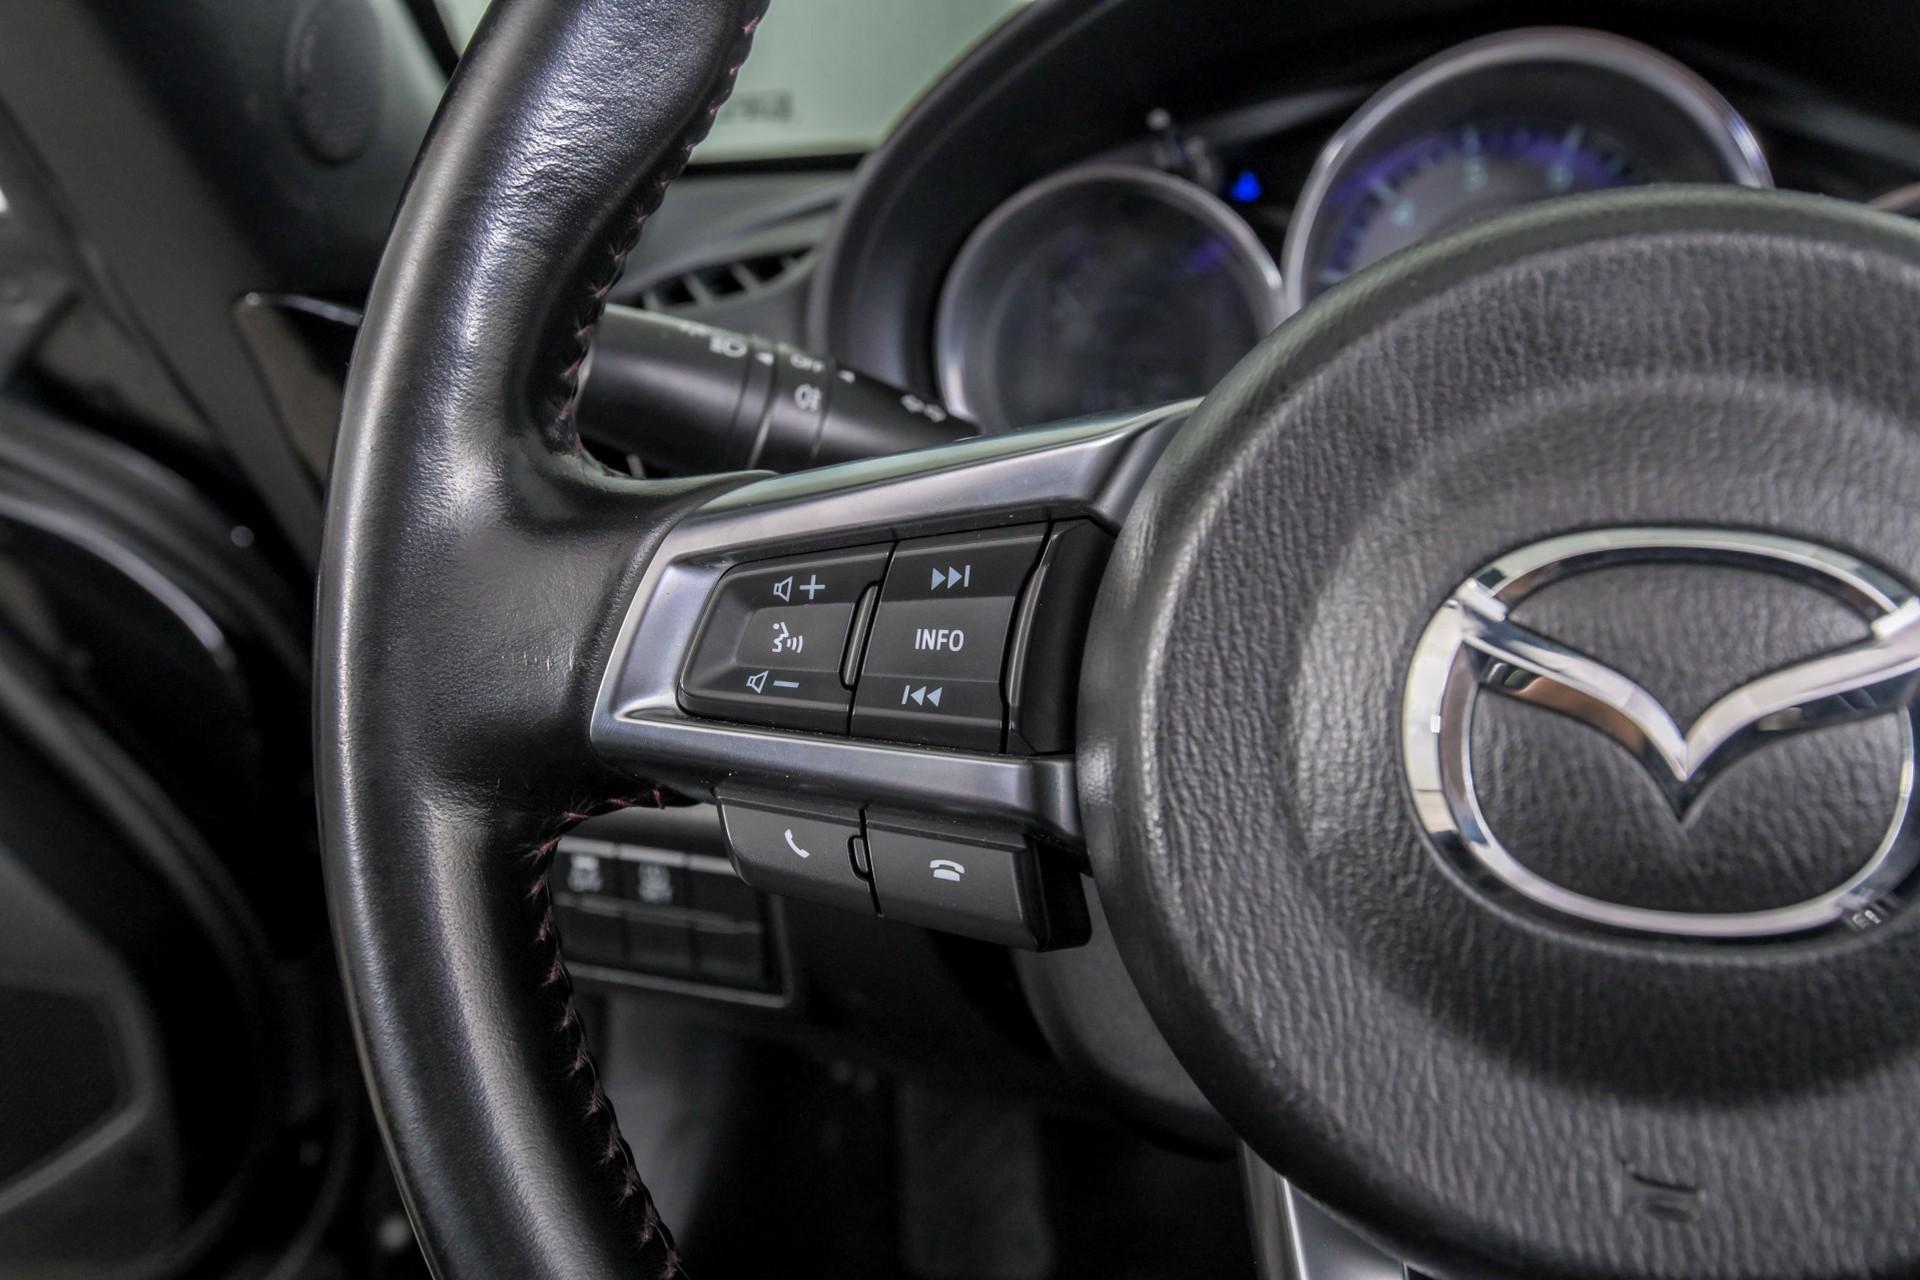 Mazda MX-5 1.5 SkyActiv-G 131 S Foto 30